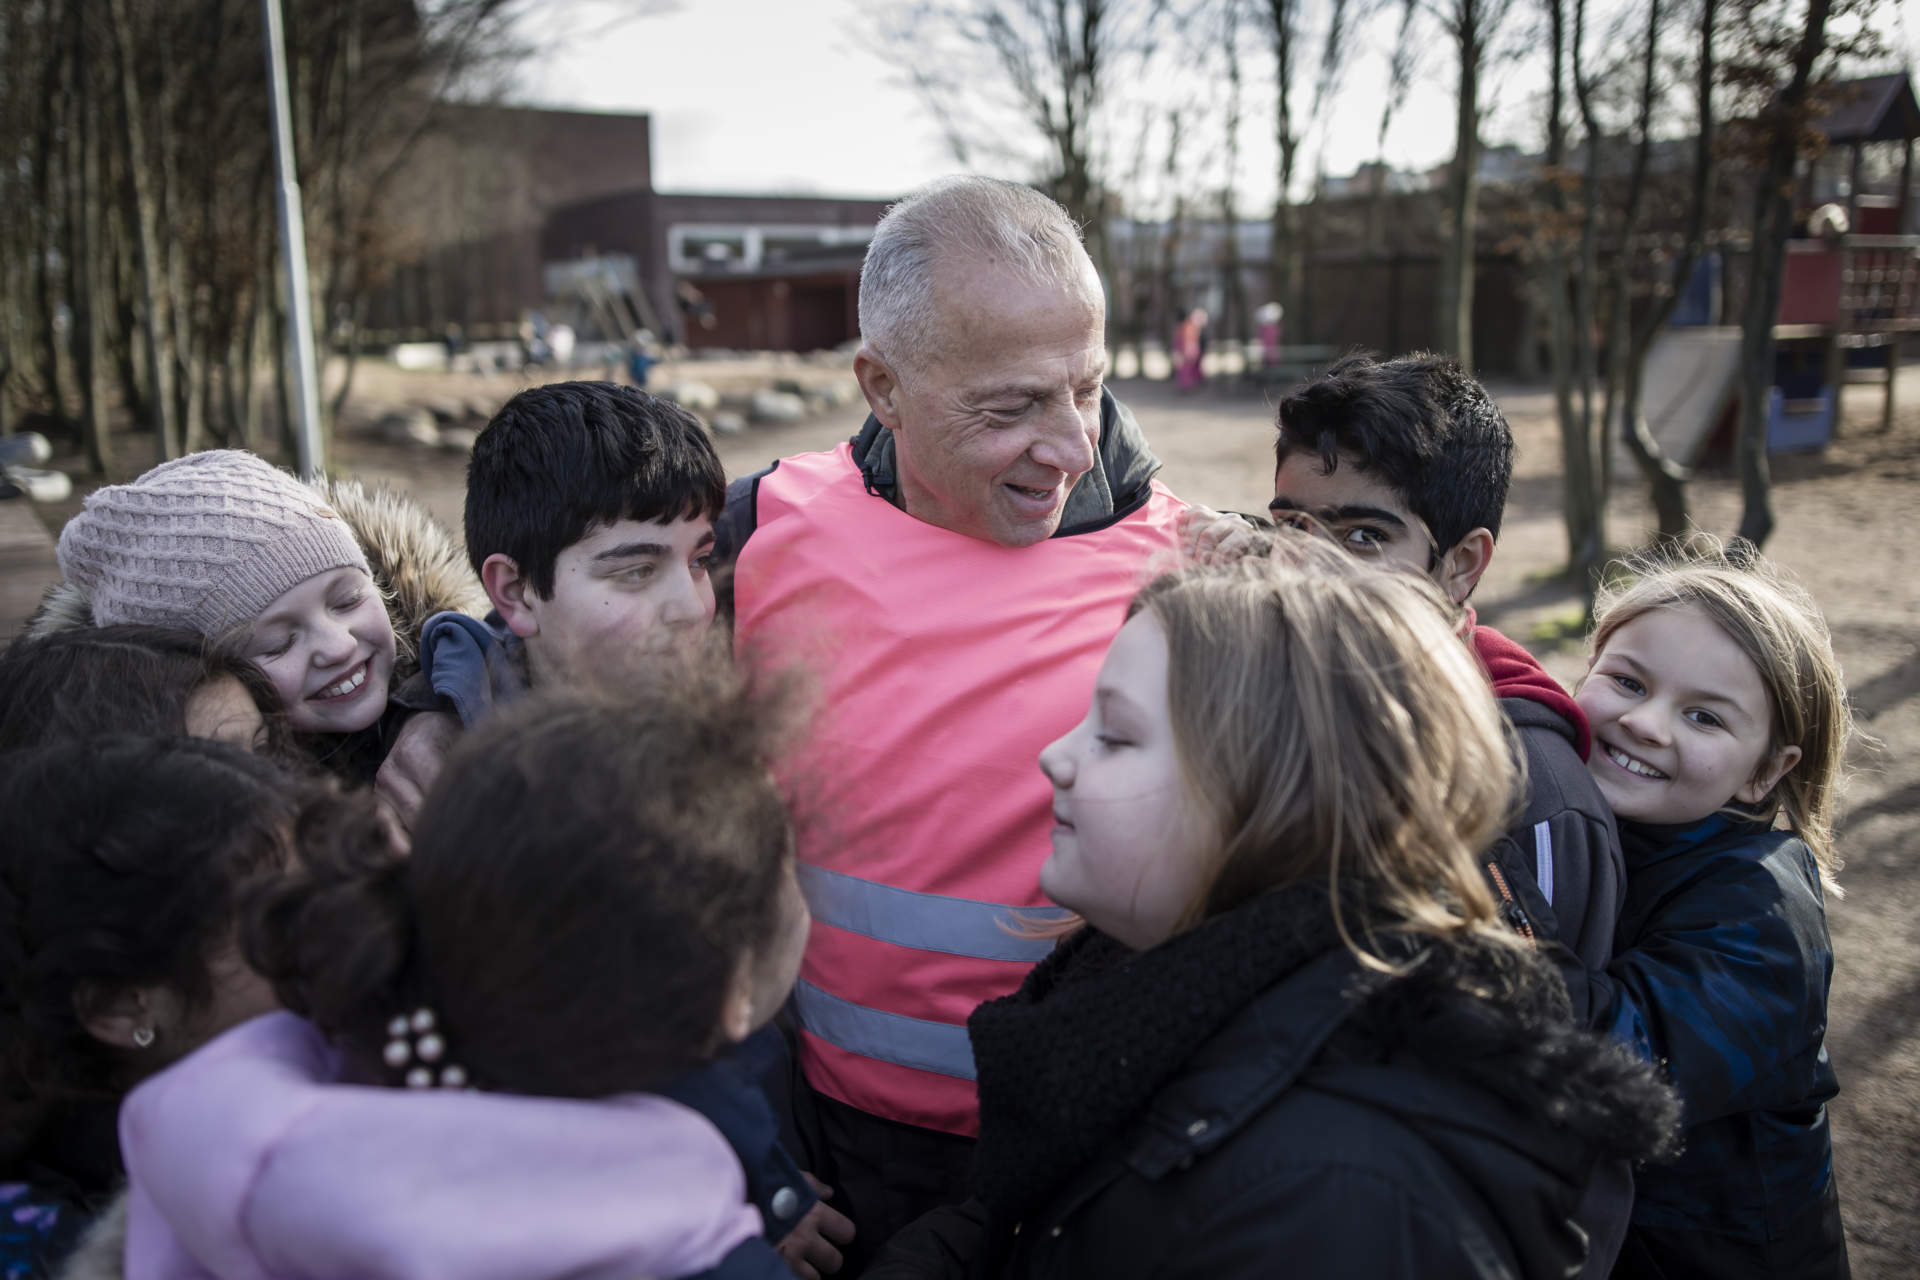 Hossein Karbassi är föšrstalŠärare påŒ KlostergåŒrdsskolan i Lund.